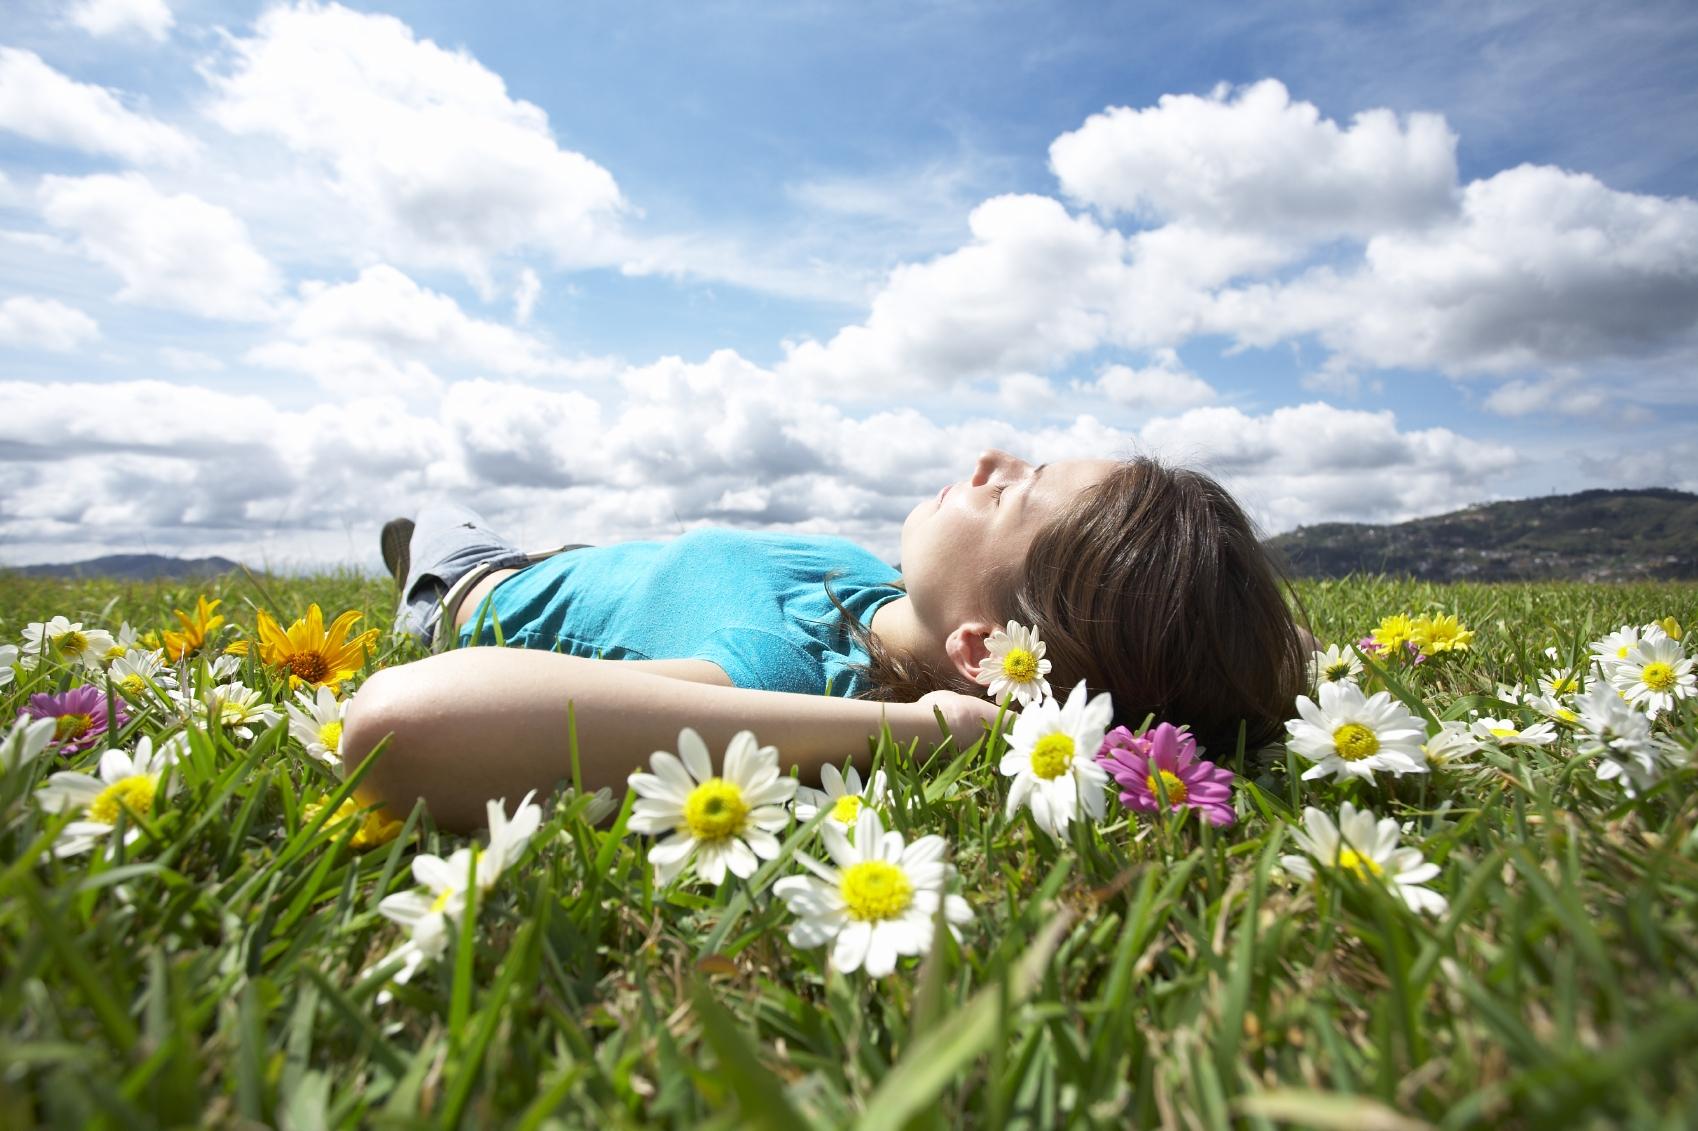 girl in meadow.JPG